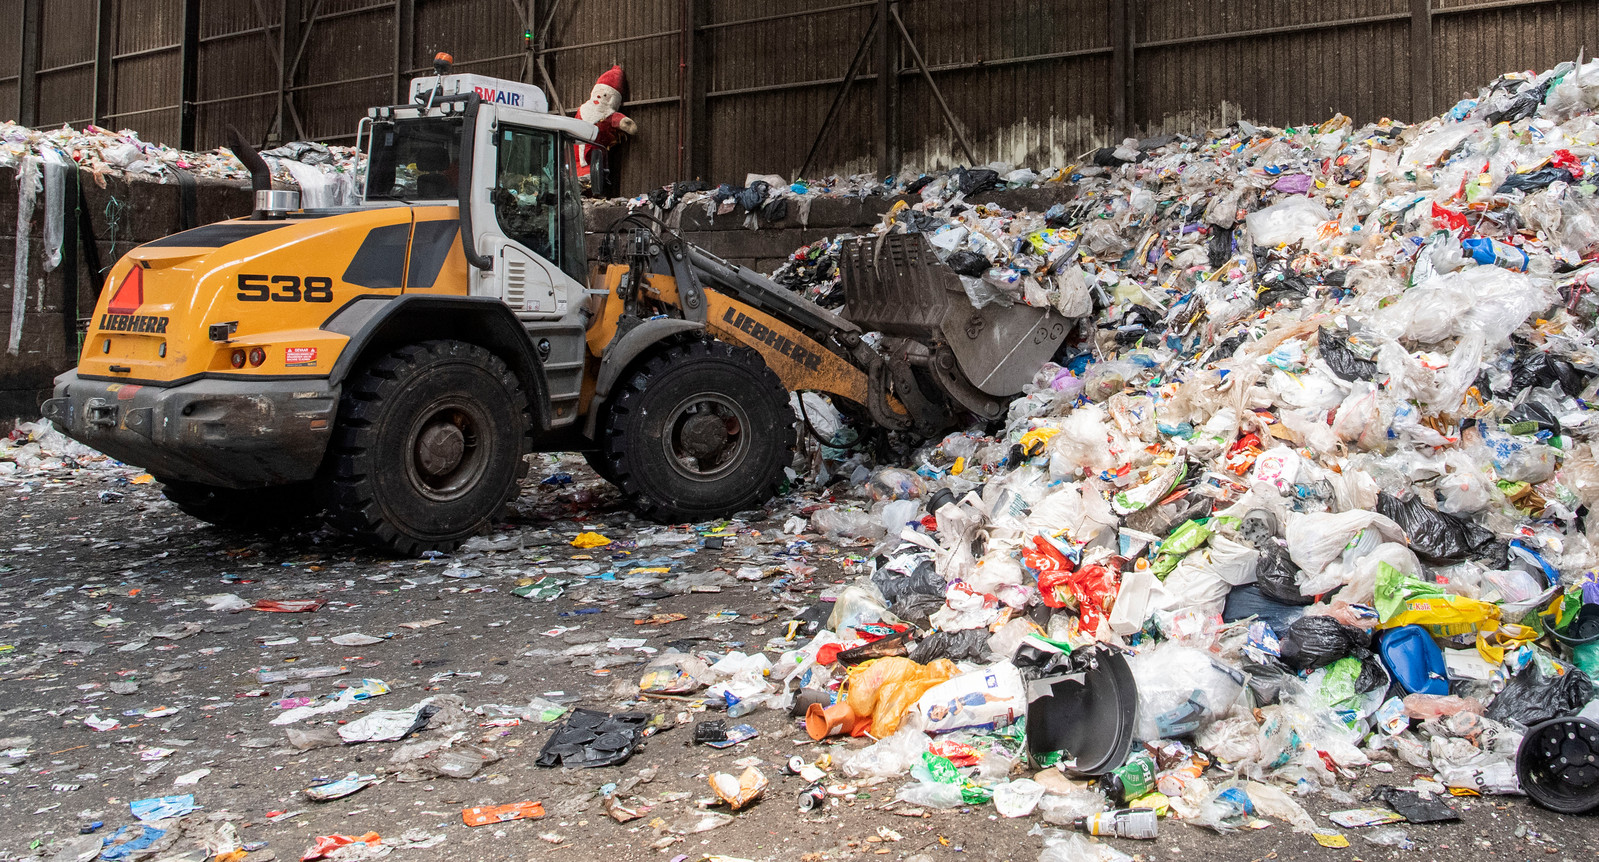 PMD-afval wordt lang niet altijd goed gescheiden in Almelo. Vorig jaar werd 70 procent afgekeurd.